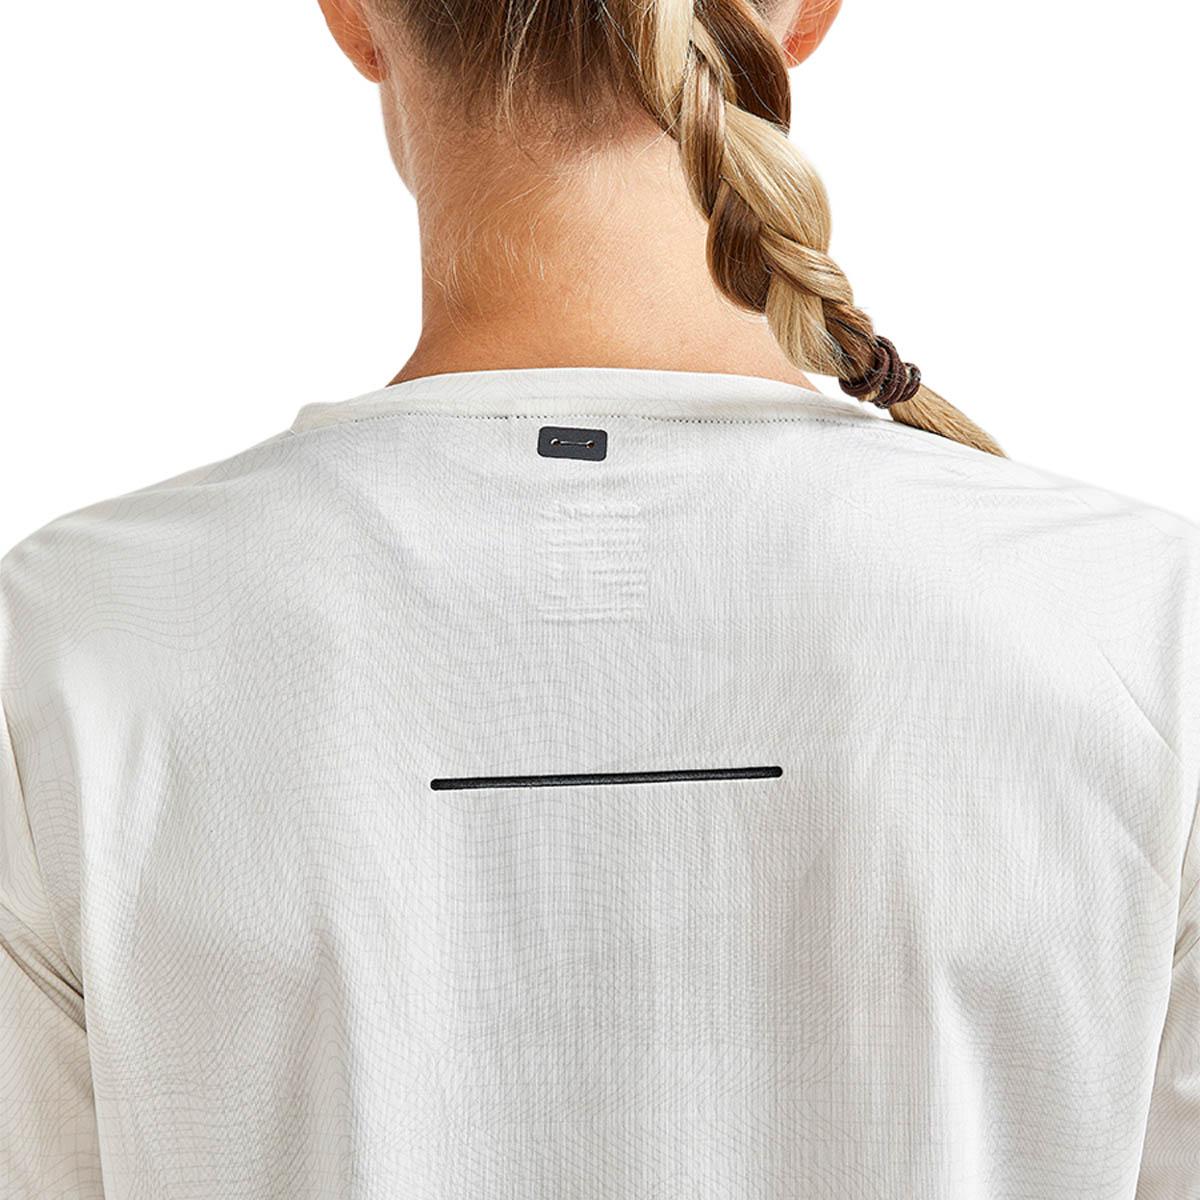 Craft Pro Hypervent Wind Langærmet Løbe T-shirt Dame